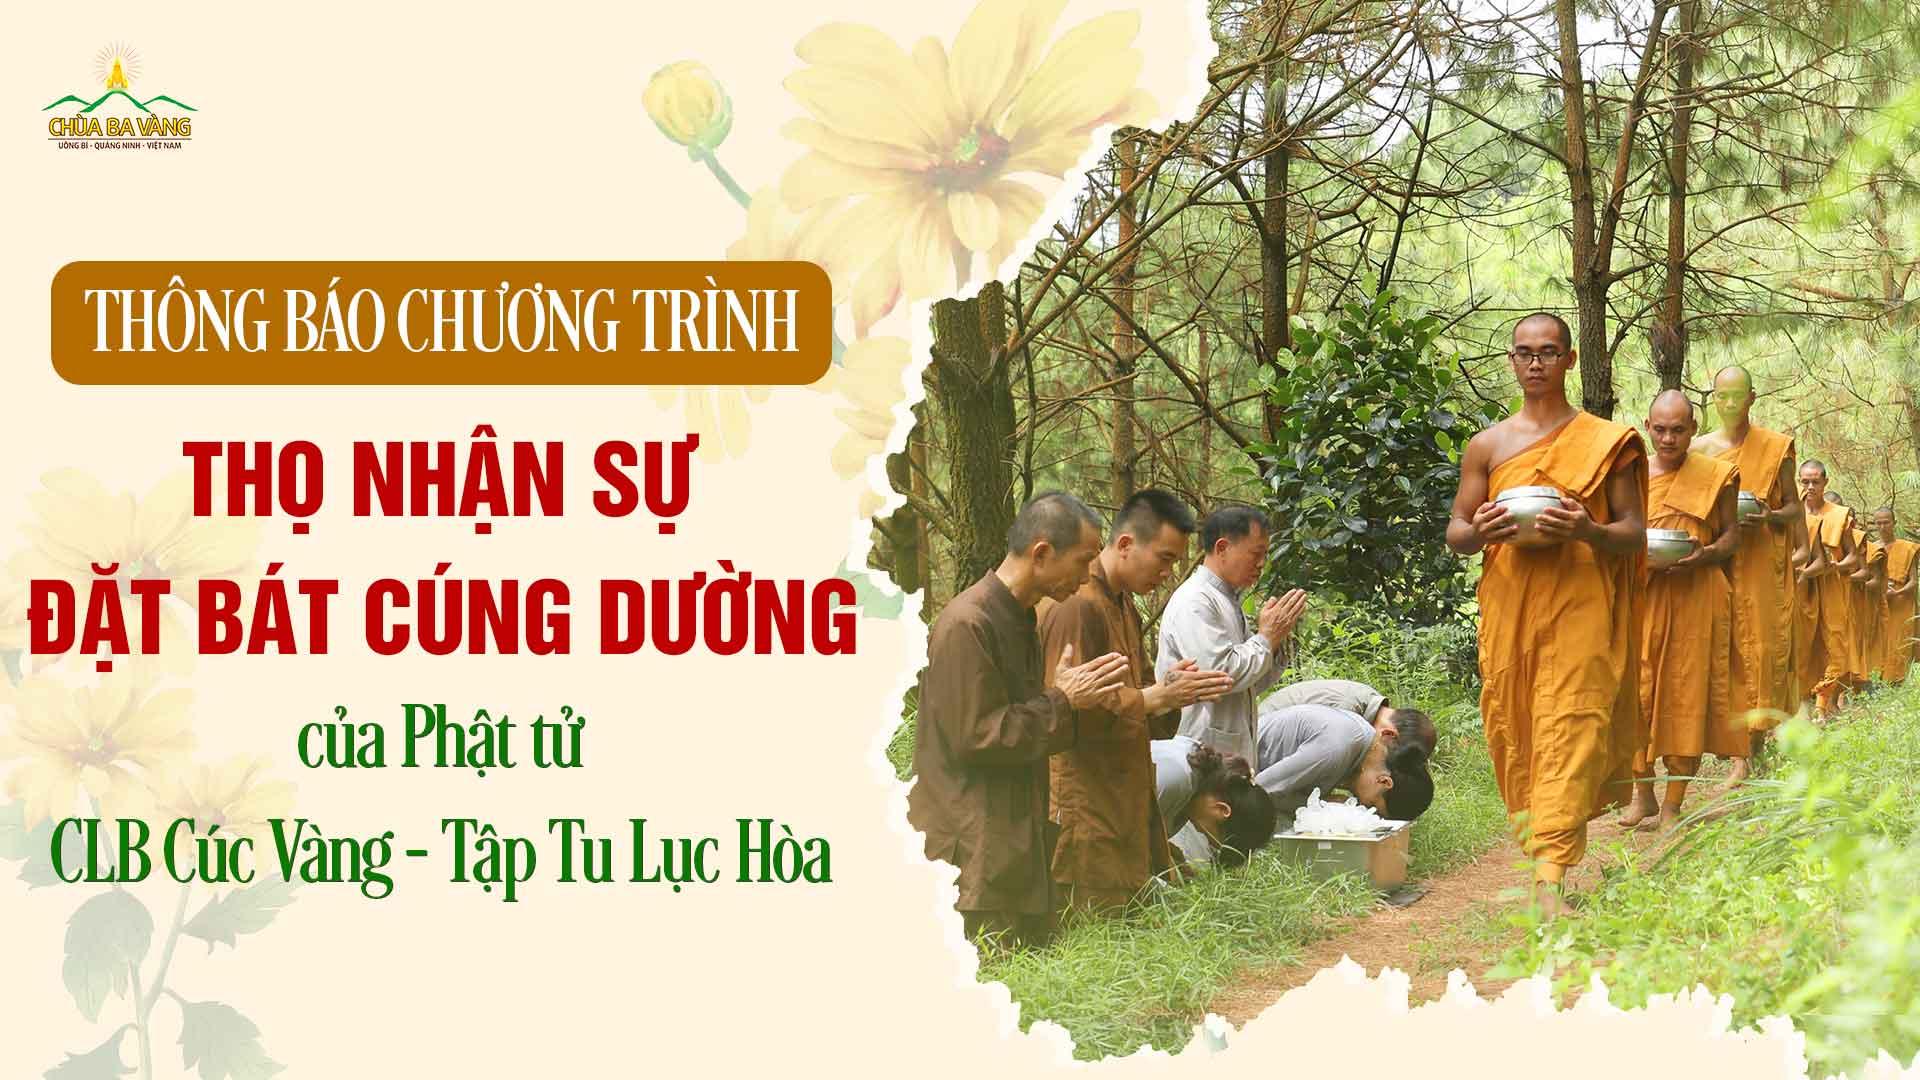 Thông báo chương trình thọ nhận sự đặt bát cúng dường của Phật tử CLB Cúc Vàng - Tập Tu Lục Hòa